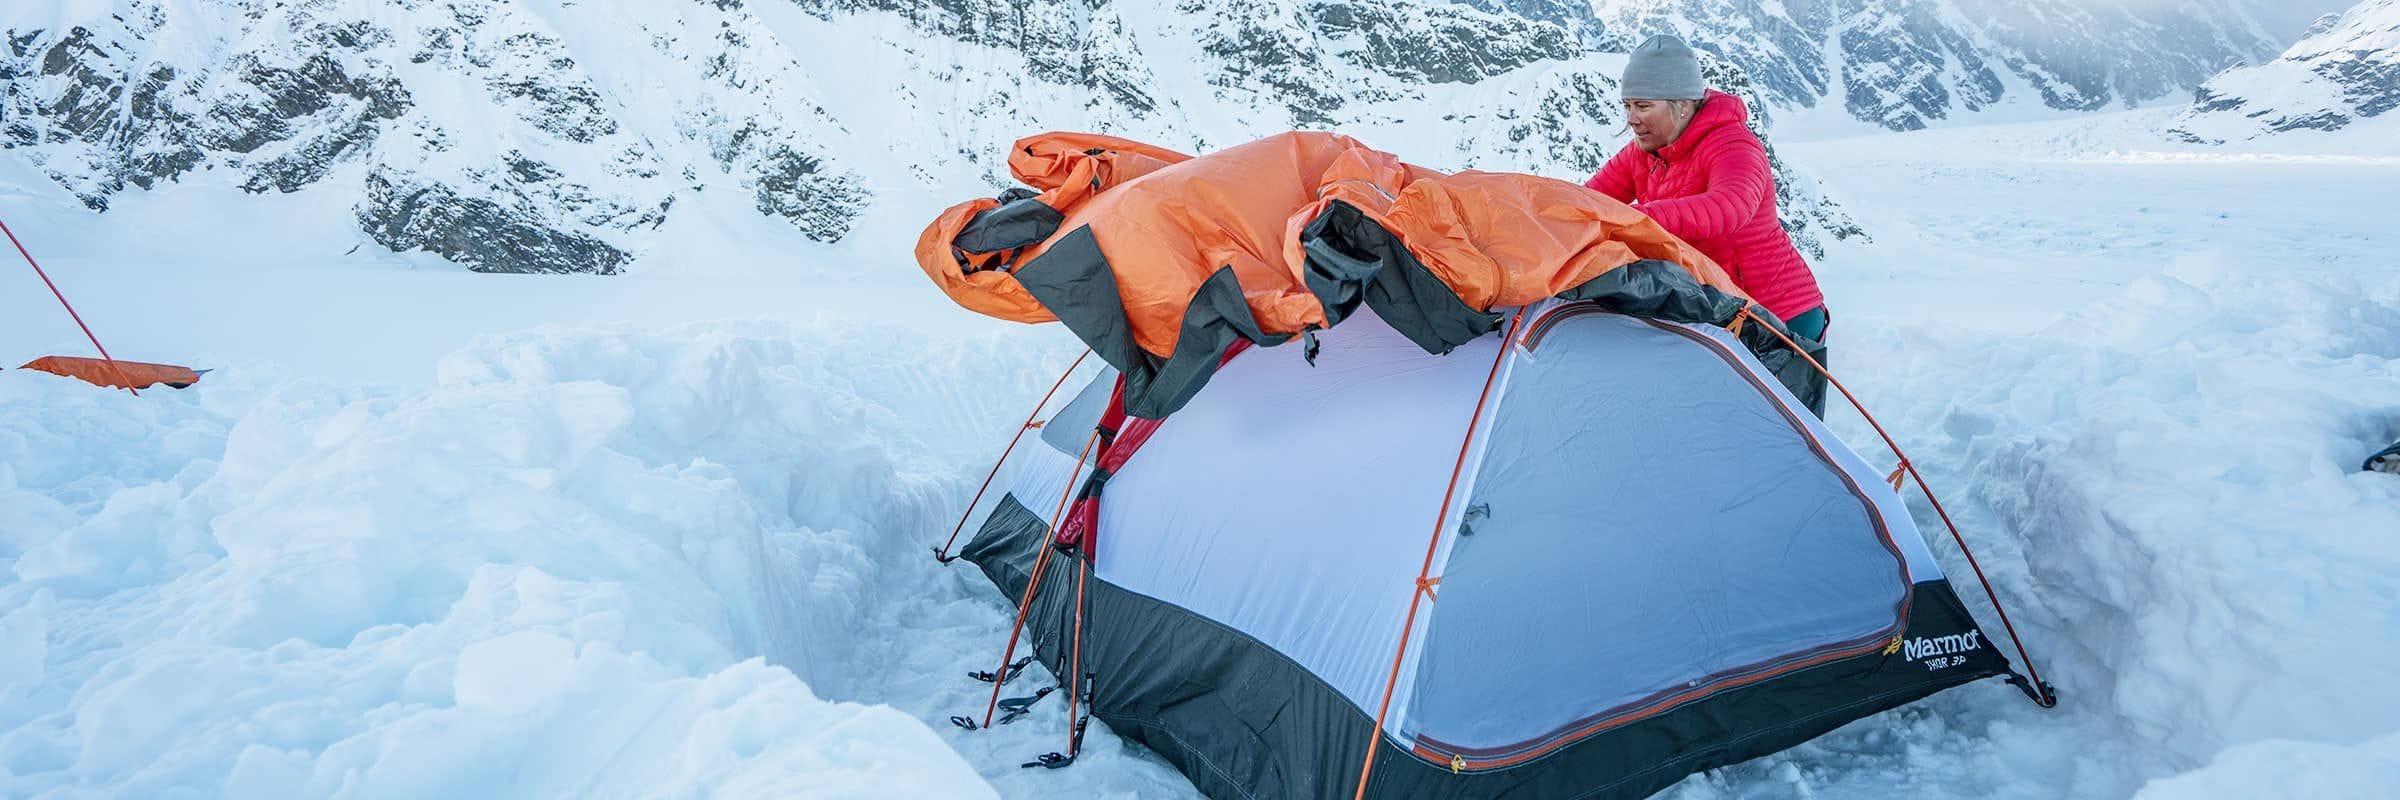 Marmot. Les sacs de couchage les plus chauds de Marmot